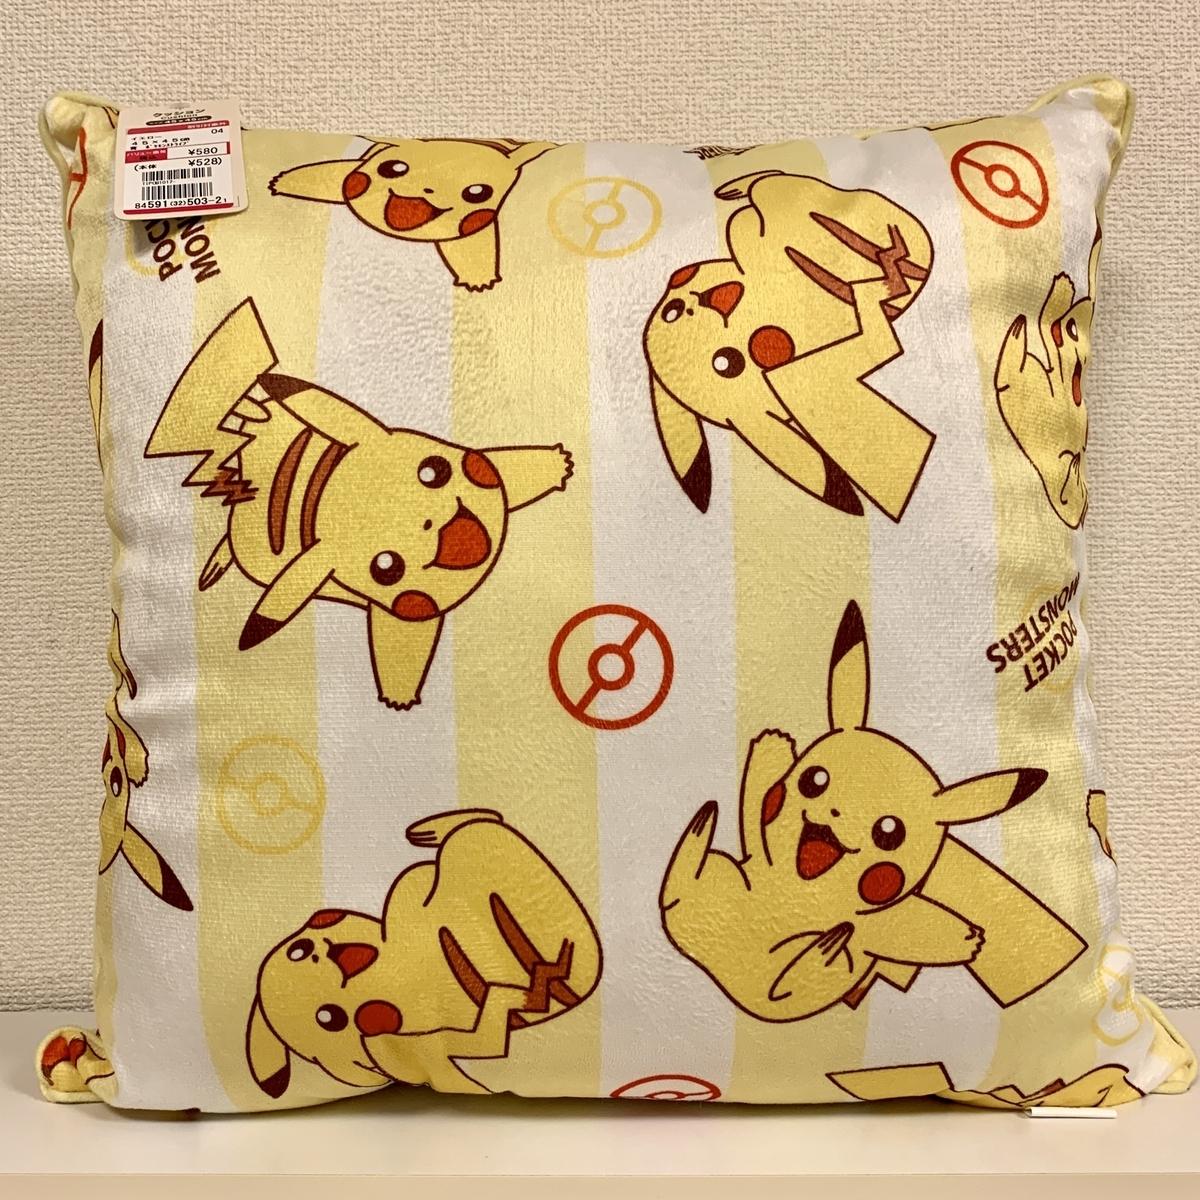 f:id:pikachu_pcn:20200131230923j:plain